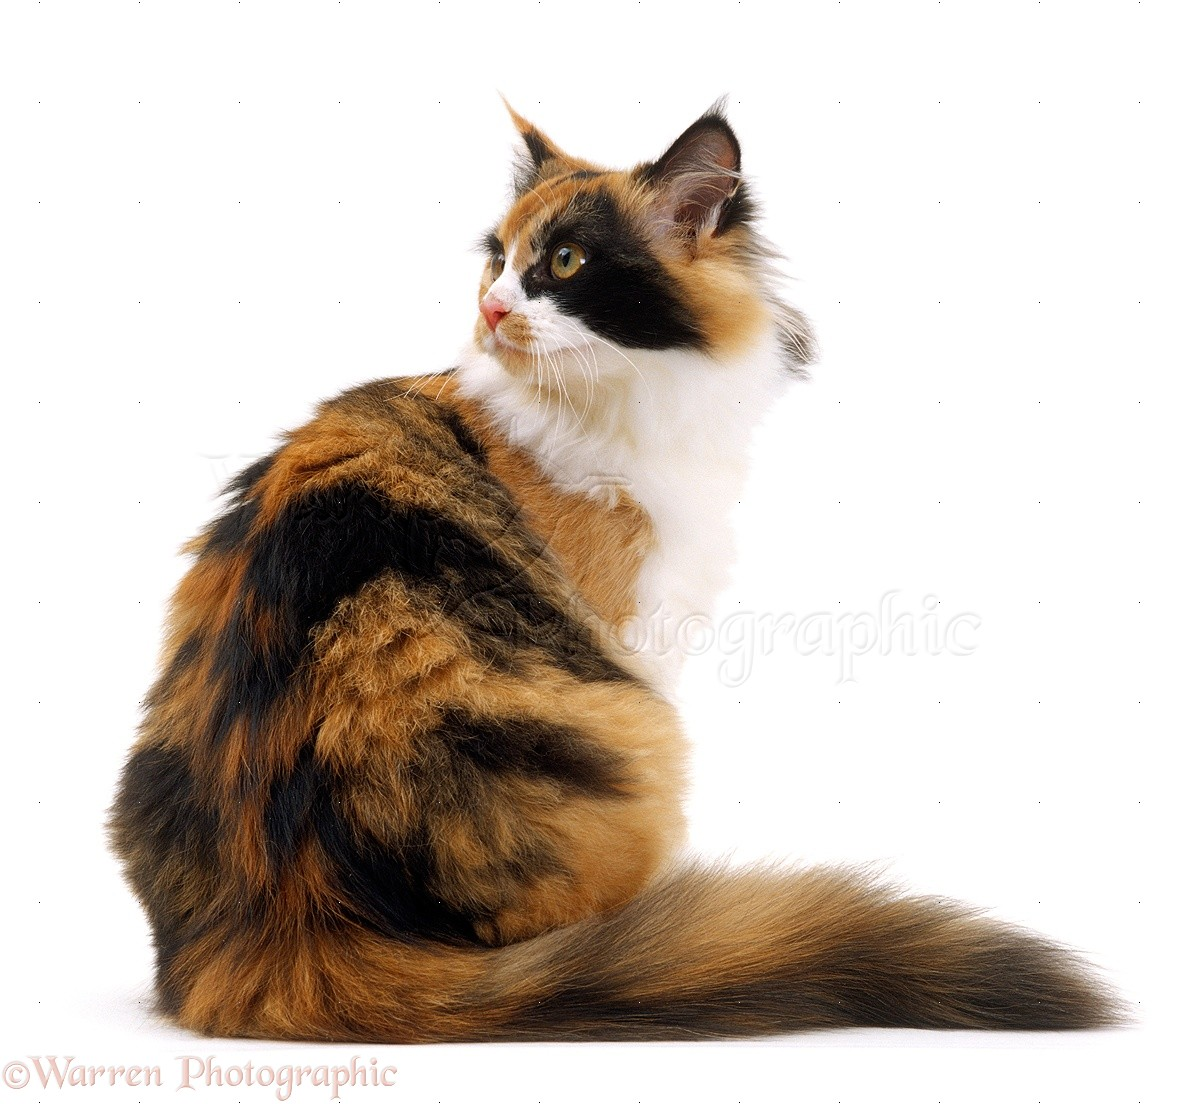 c 15 cat